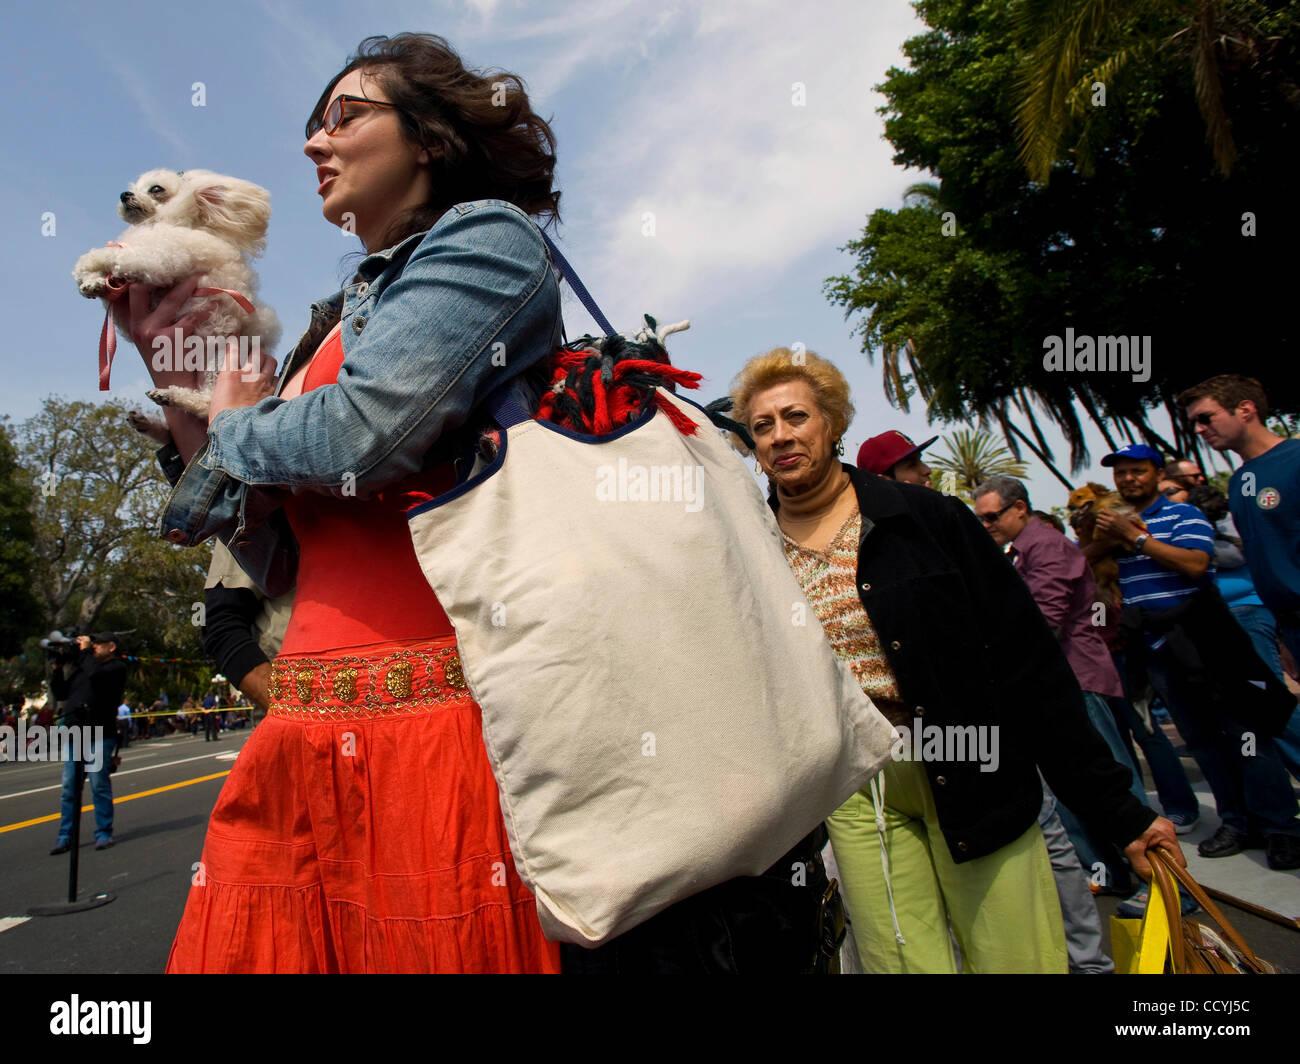 Abril 3, 2010 - Los Angeles, California, EE.UU. - Las mascotas y sus dueños hacen su camino hacia la parte Imagen De Stock